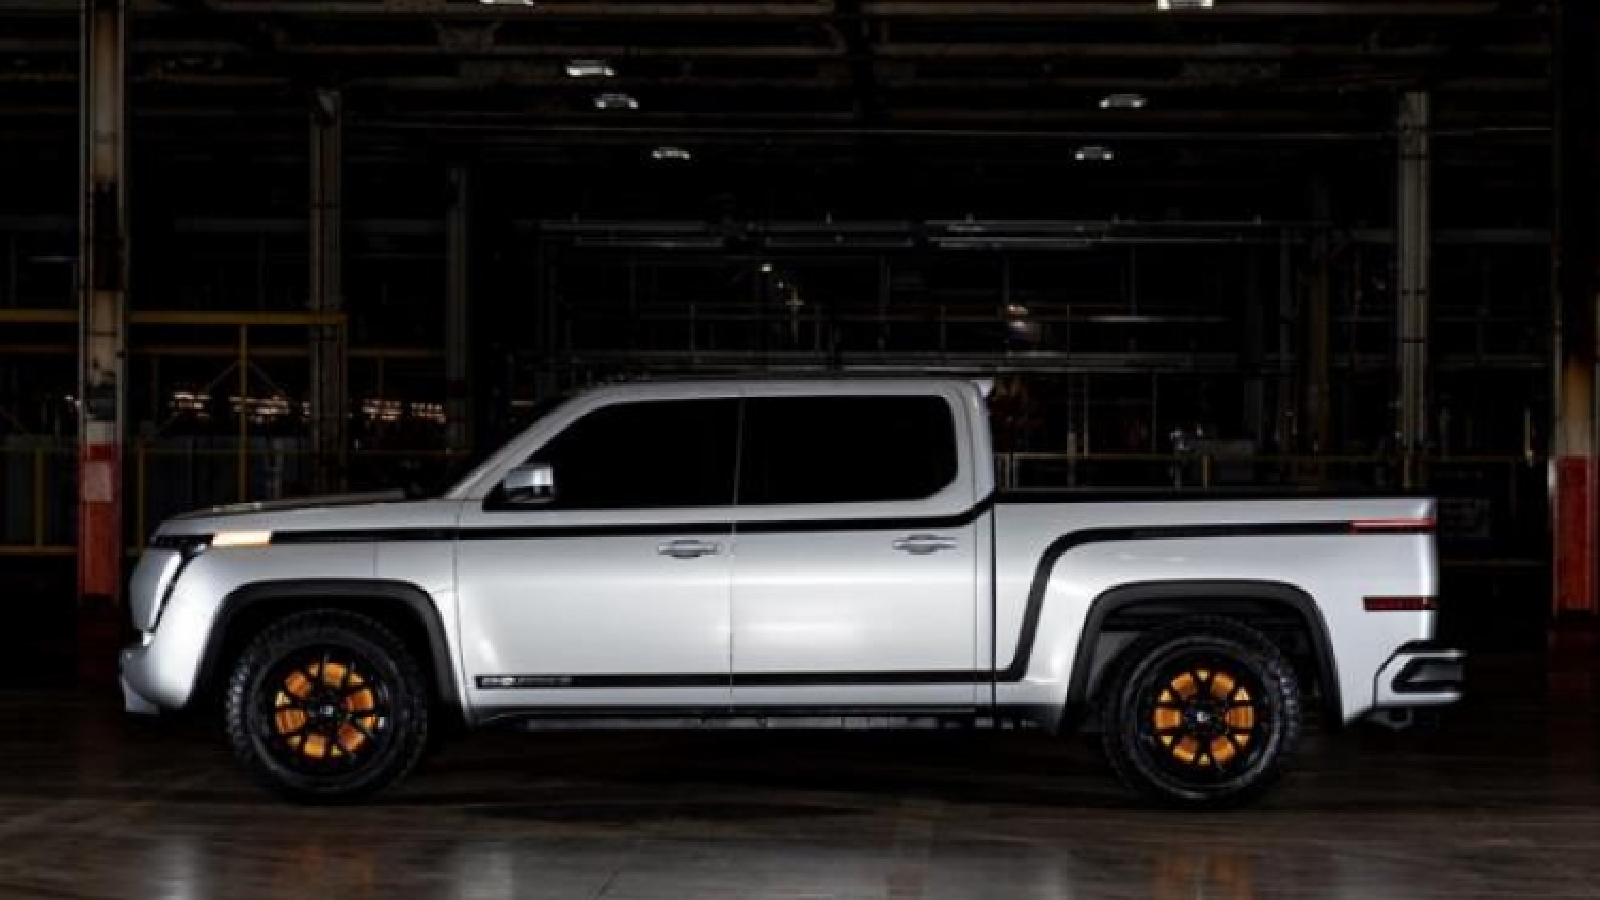 Xe bán tải điện Endurance thu hút người mua tại Mỹ